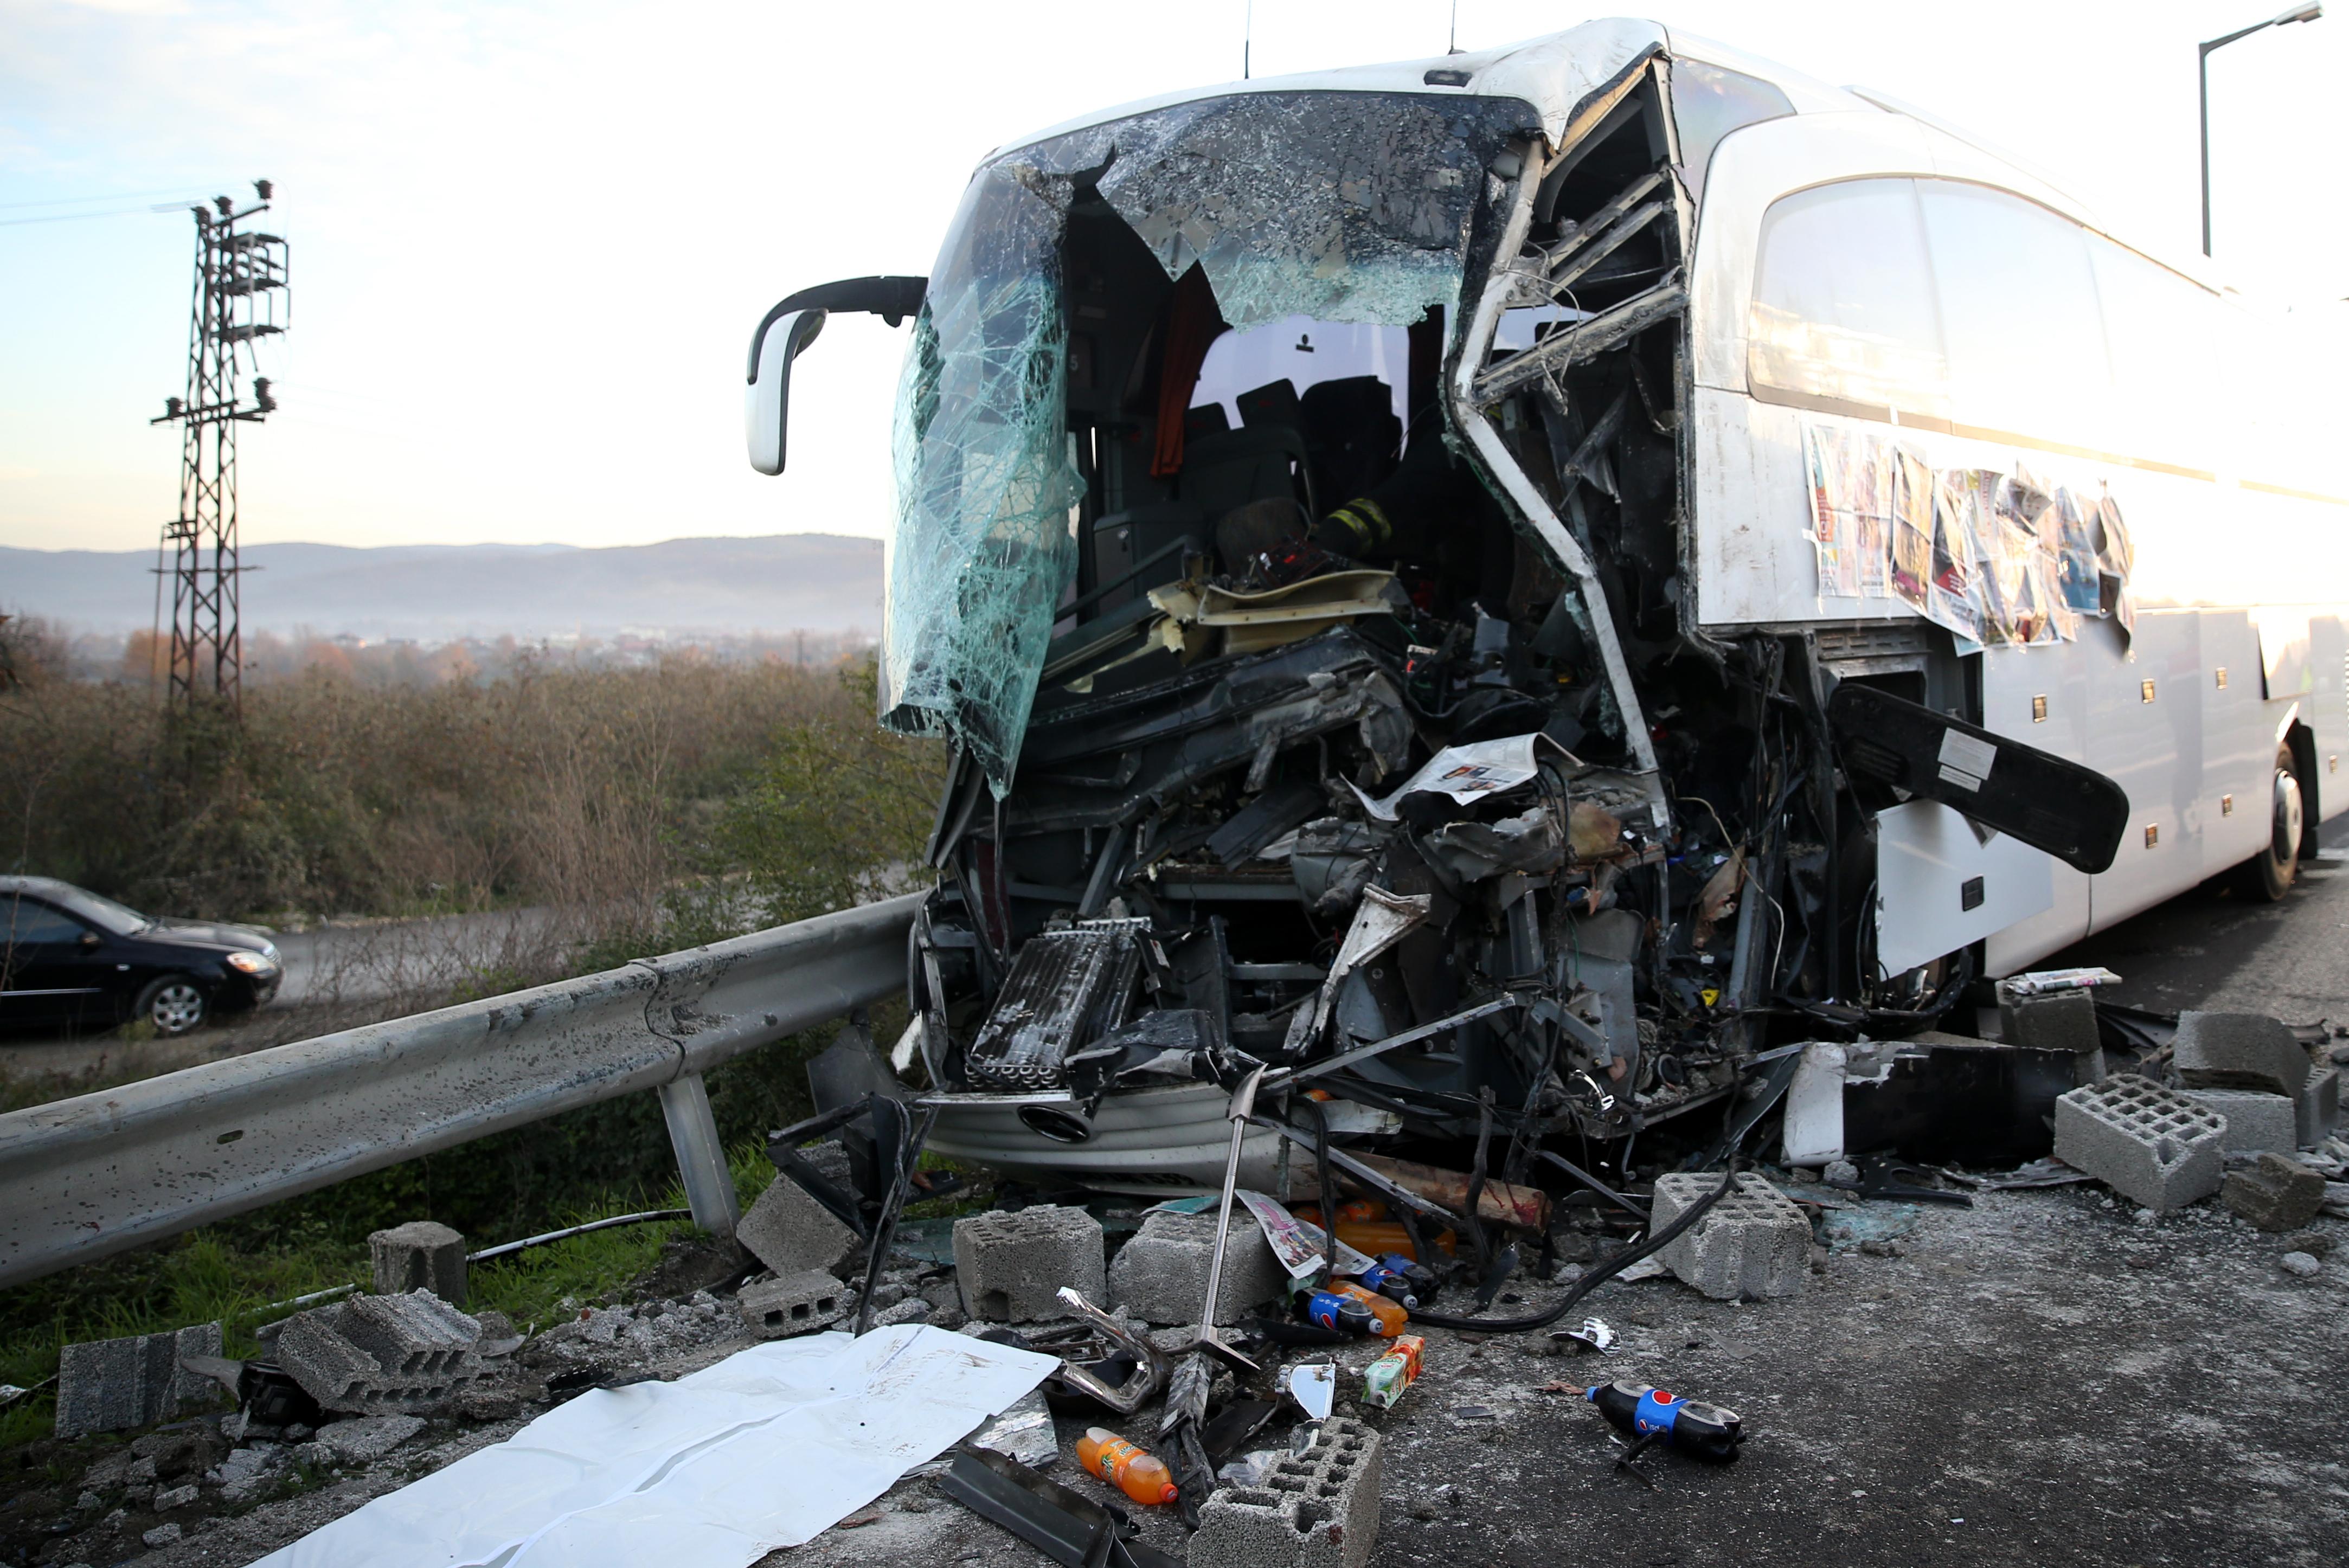 Düzce'de TEM otoyolunda yolcu otobüsünün tıra arkadan çarpması sonucu otobüs sürücüsü hayatını kaybetti, 10 yolcu yaralandı. ( Ömer Faruk Cebeci - Anadolu Ajansı )